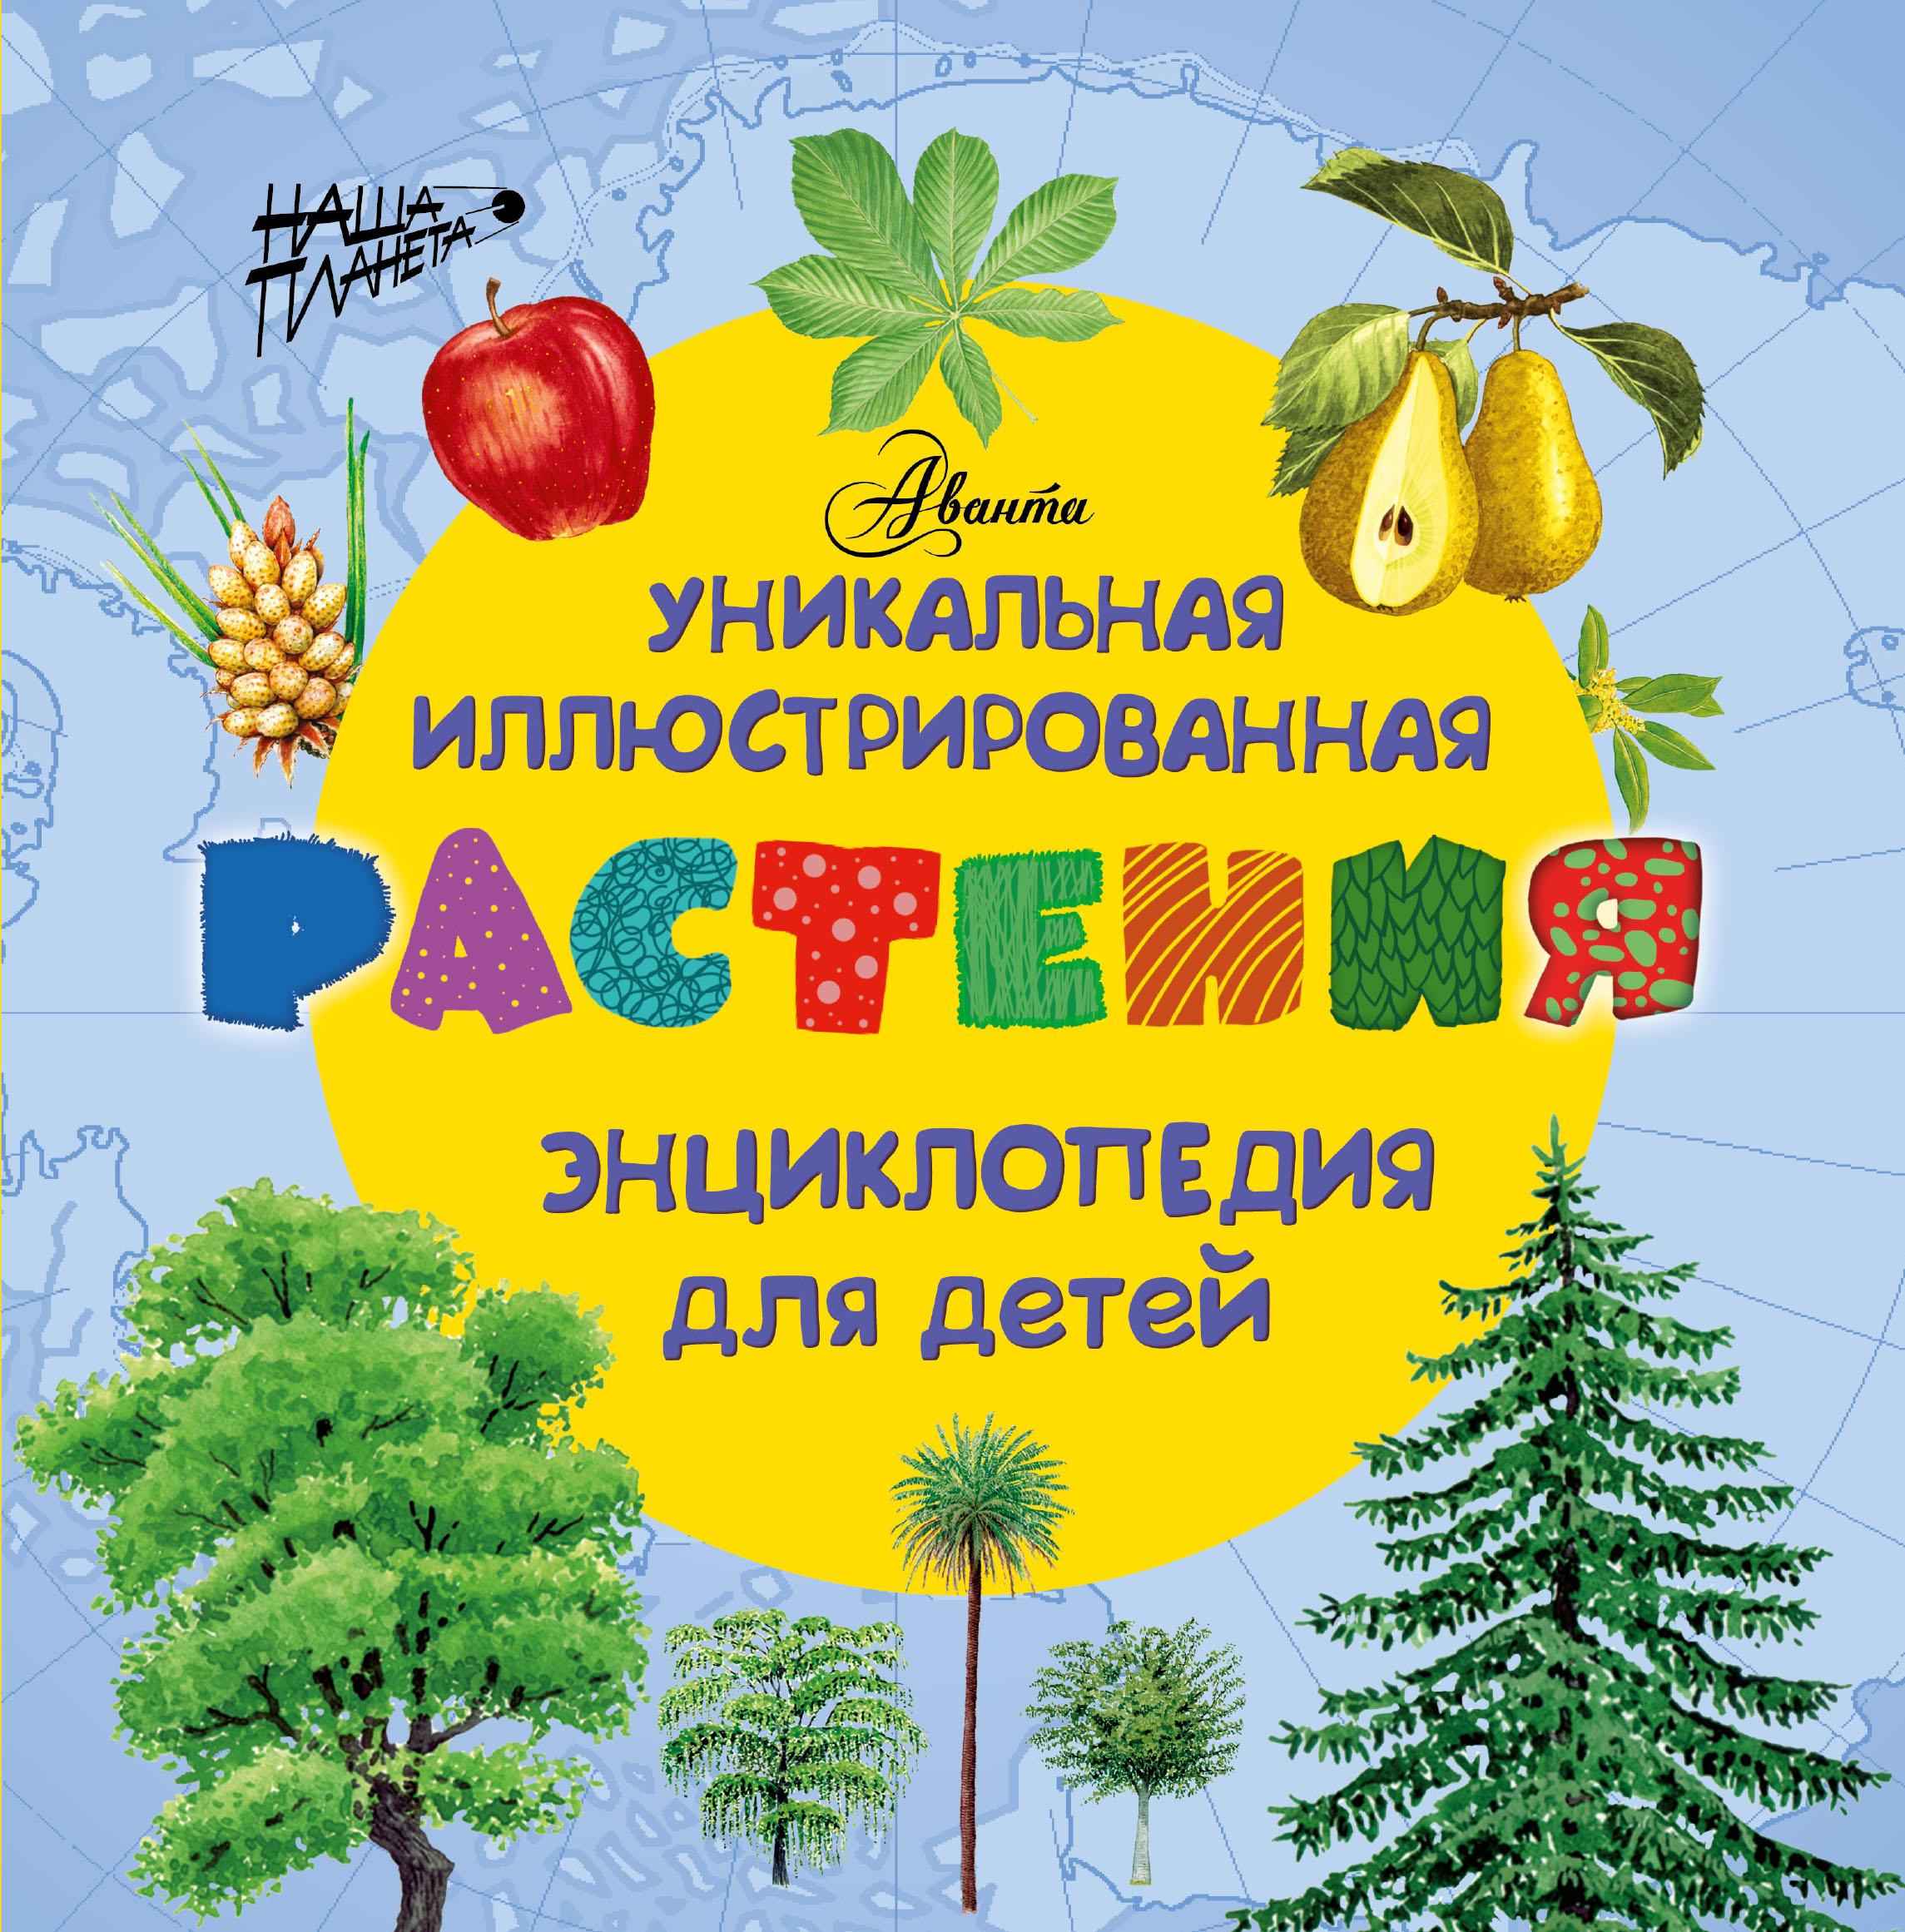 Растения. Уникальная иллюстрированная энциклопедия для детей